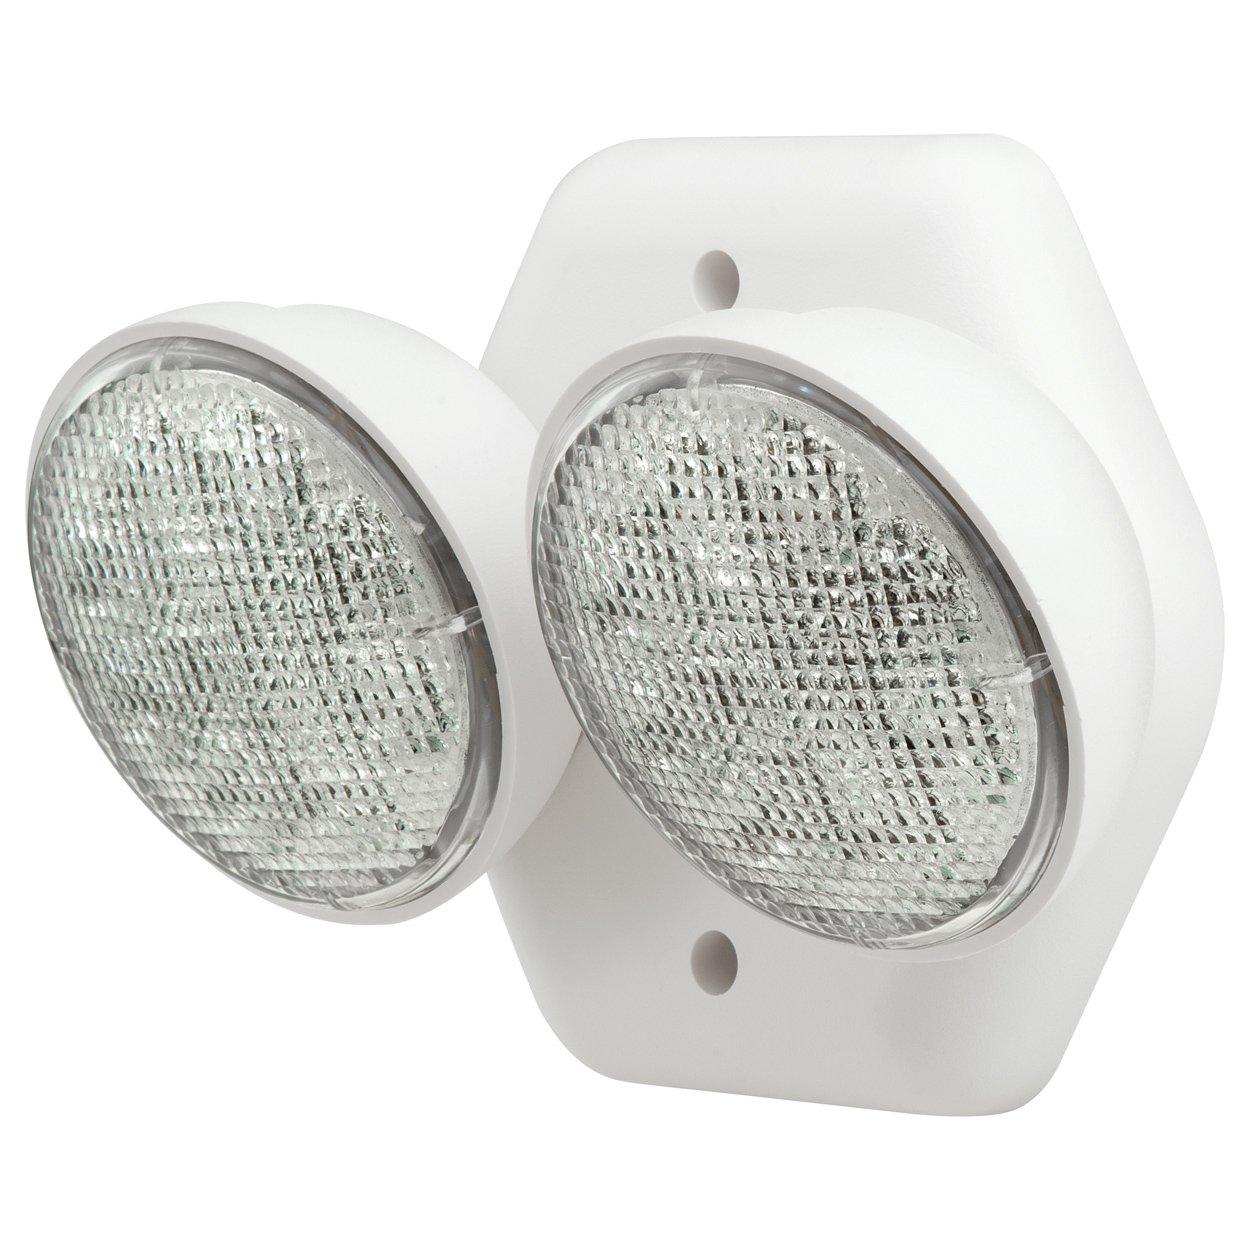 Compass CIRD Hubbell Lighting LED 2 Head Emergency Light